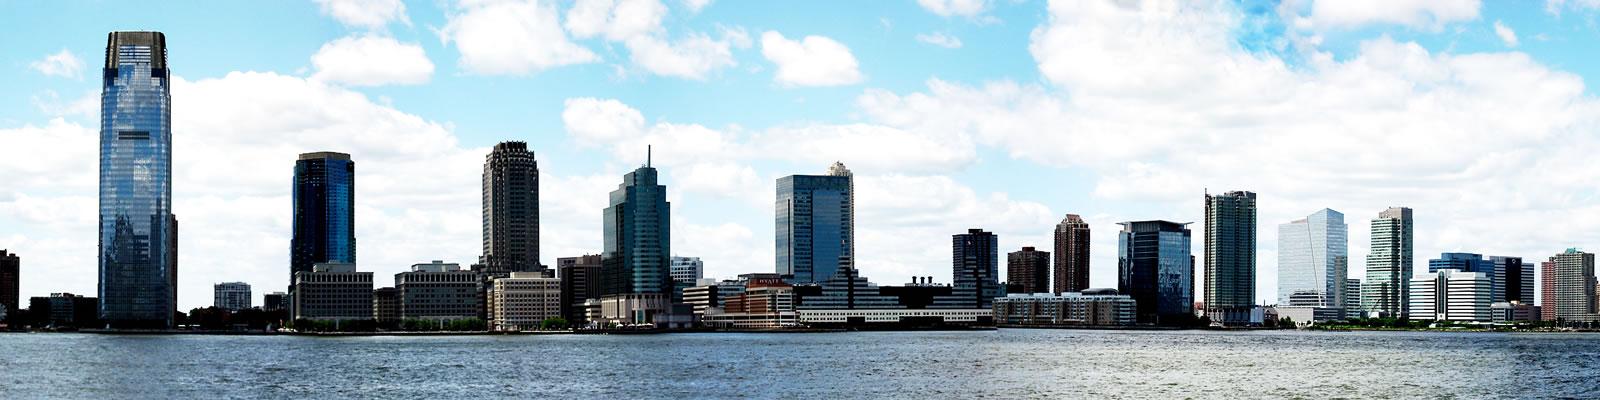 Jersey City New Skyline